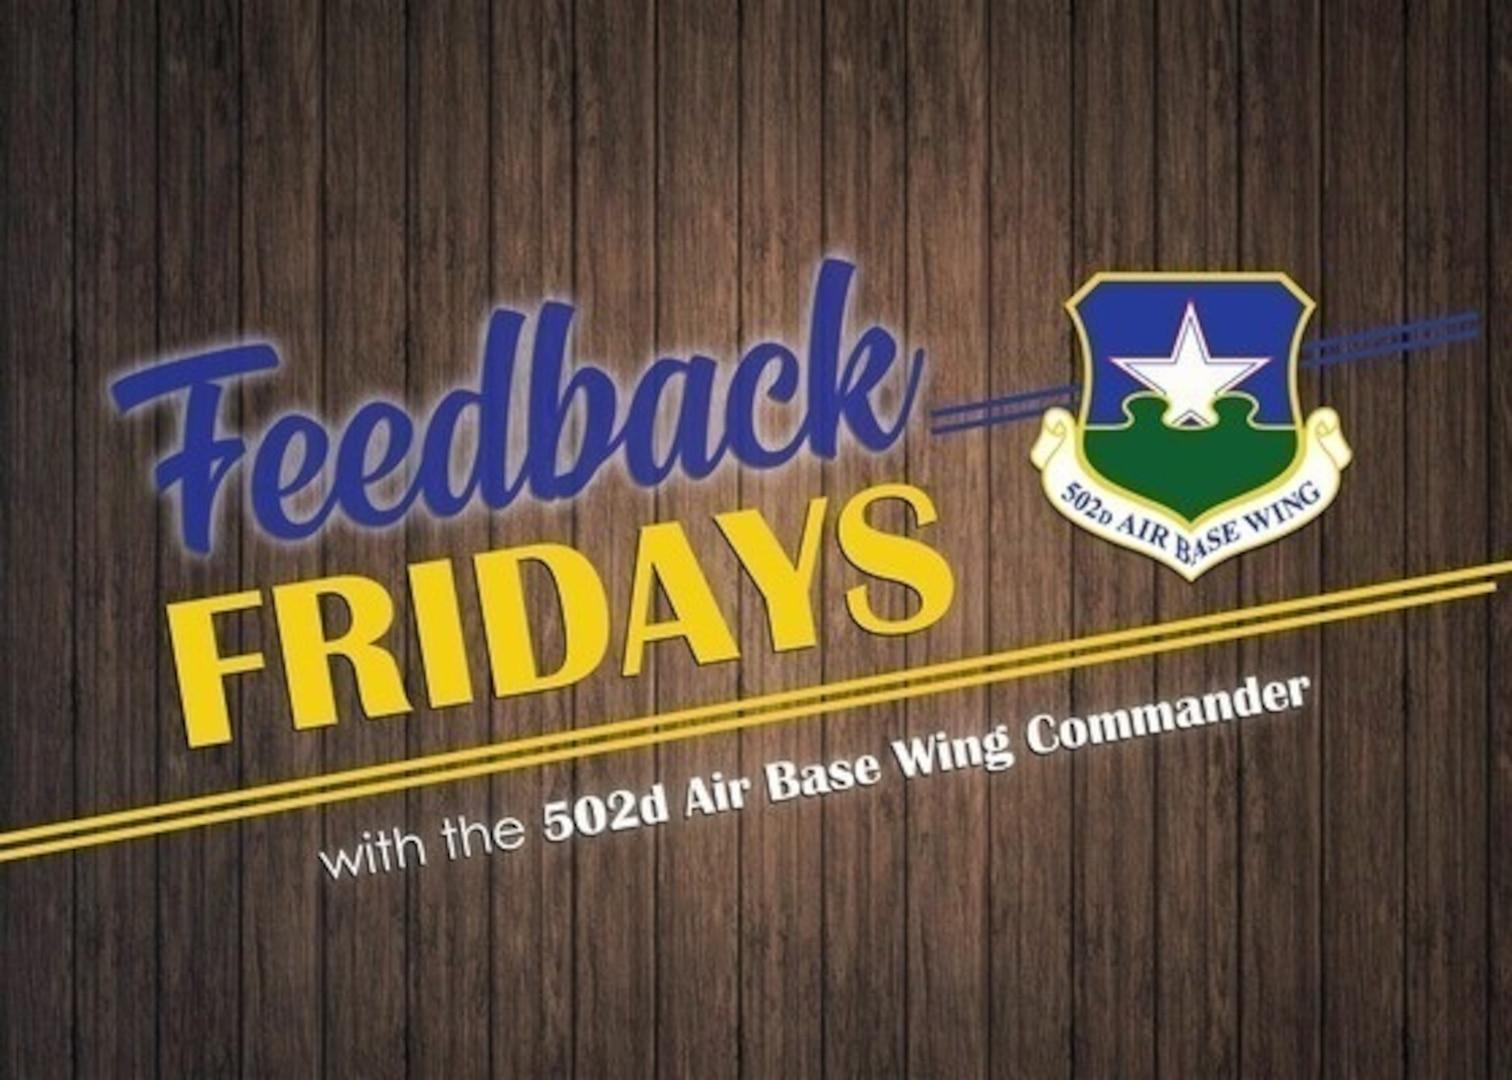 Feedback Fridays logo